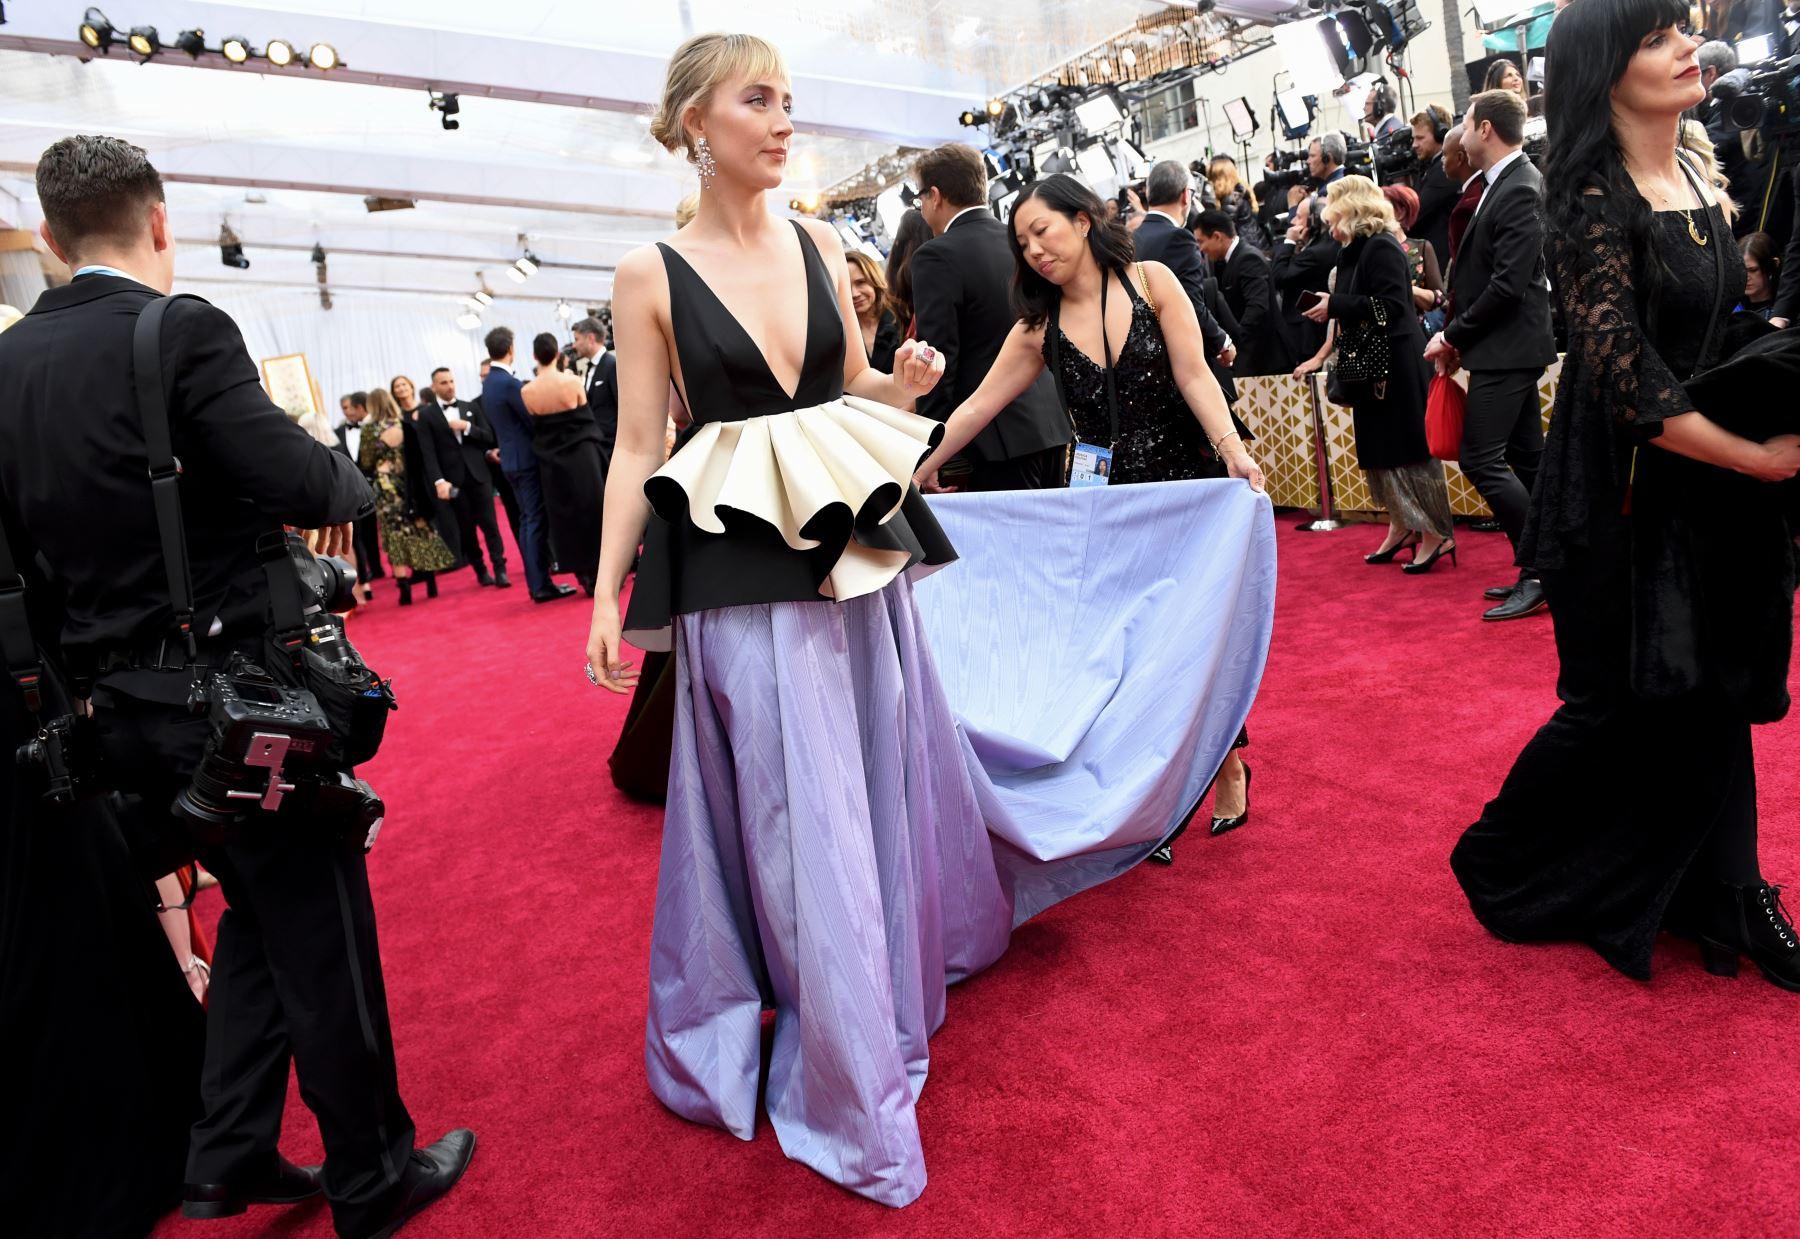 La actriz estadounidense-irlandesa Saoirse Ronan llega para el 92º Oscar al Dolby Theatre de Hollywood, California. Foto: AFP